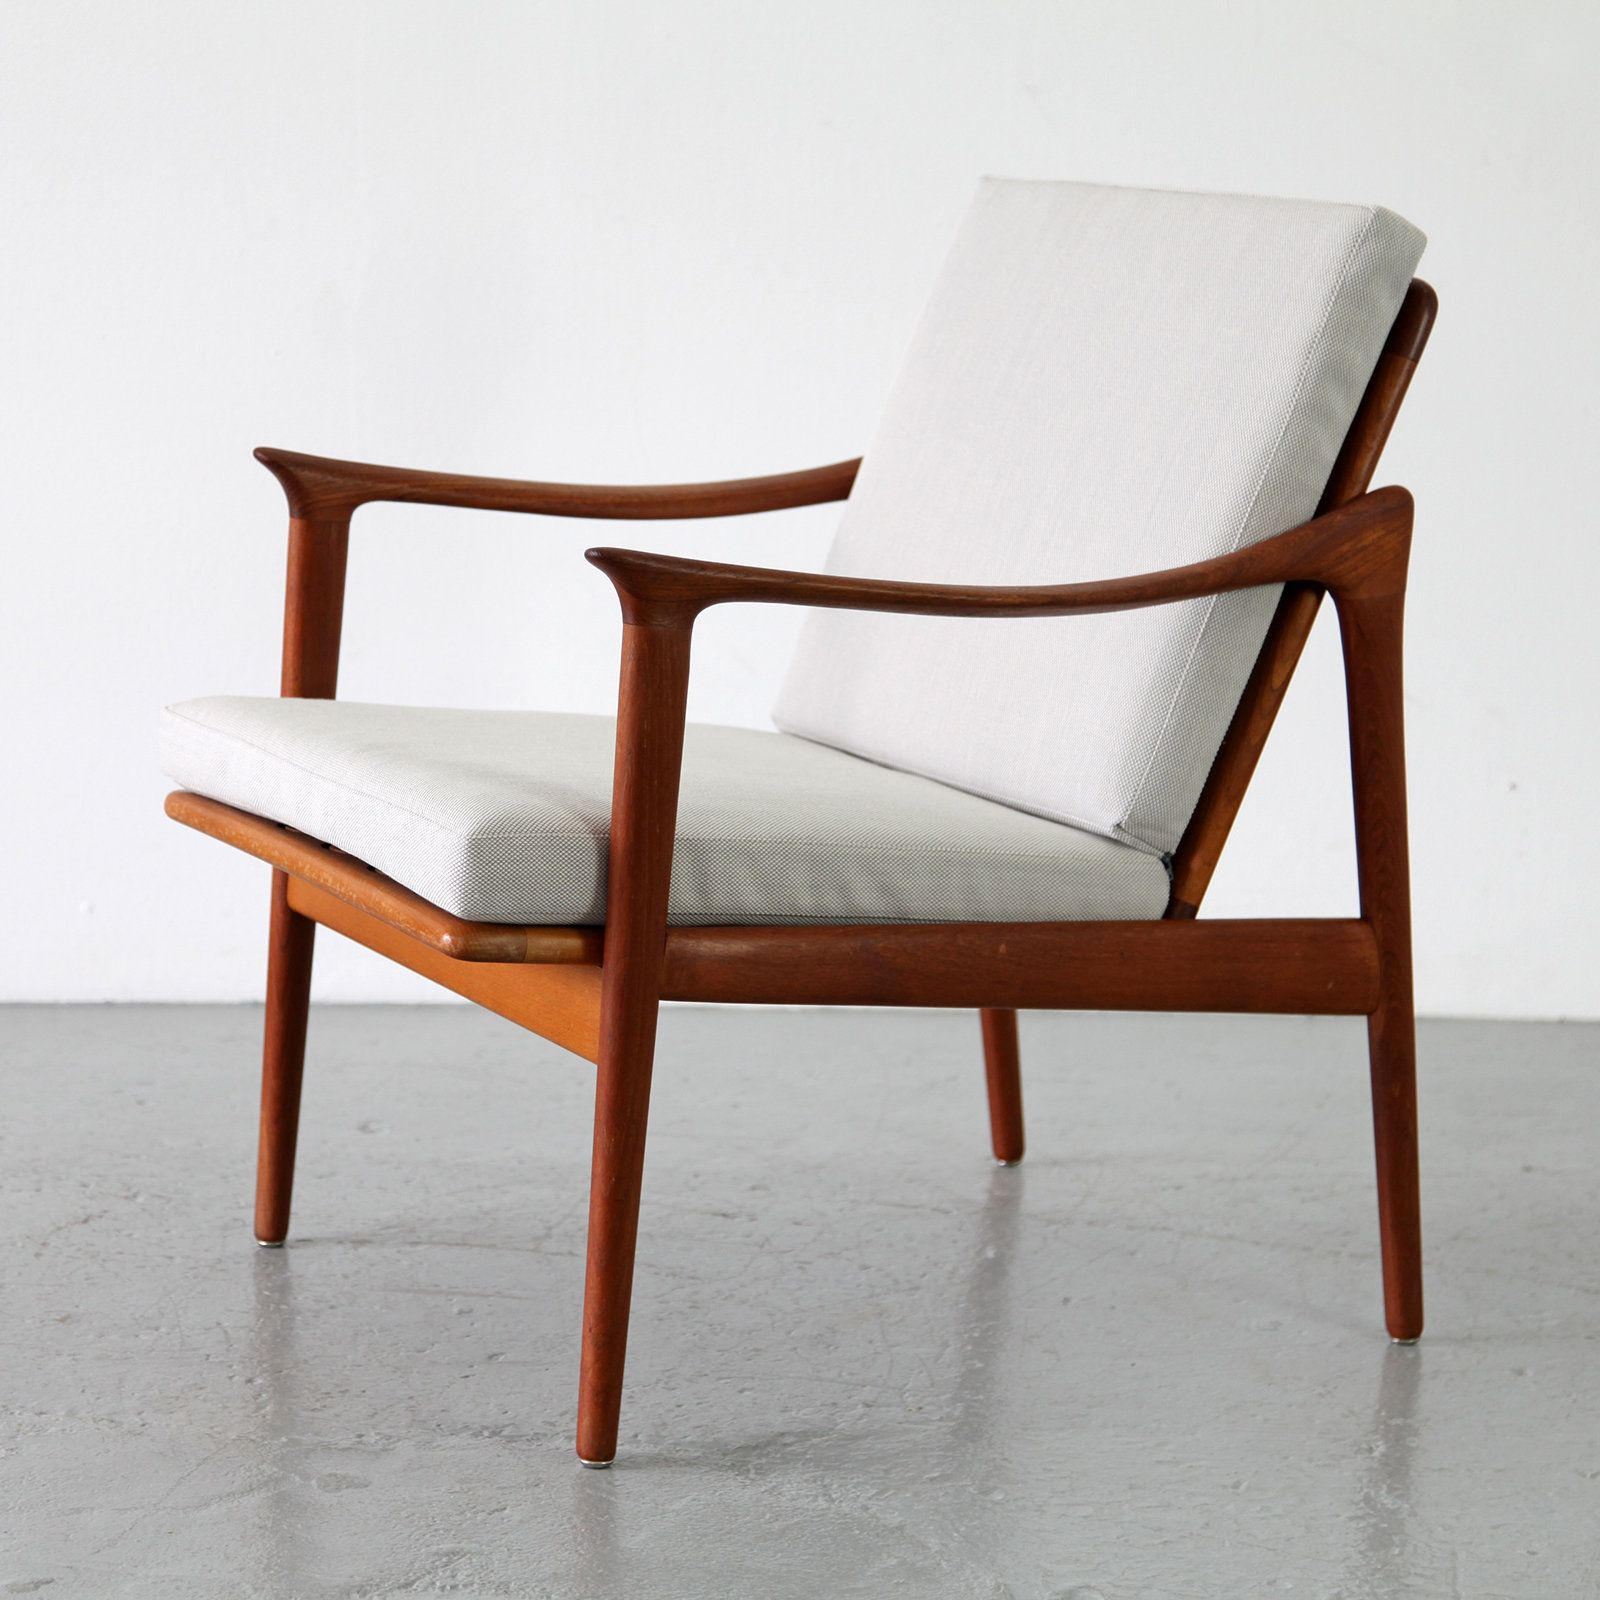 Fredrik a kayser 563 teak armchair for vatne for Klassische skandinavische mobel